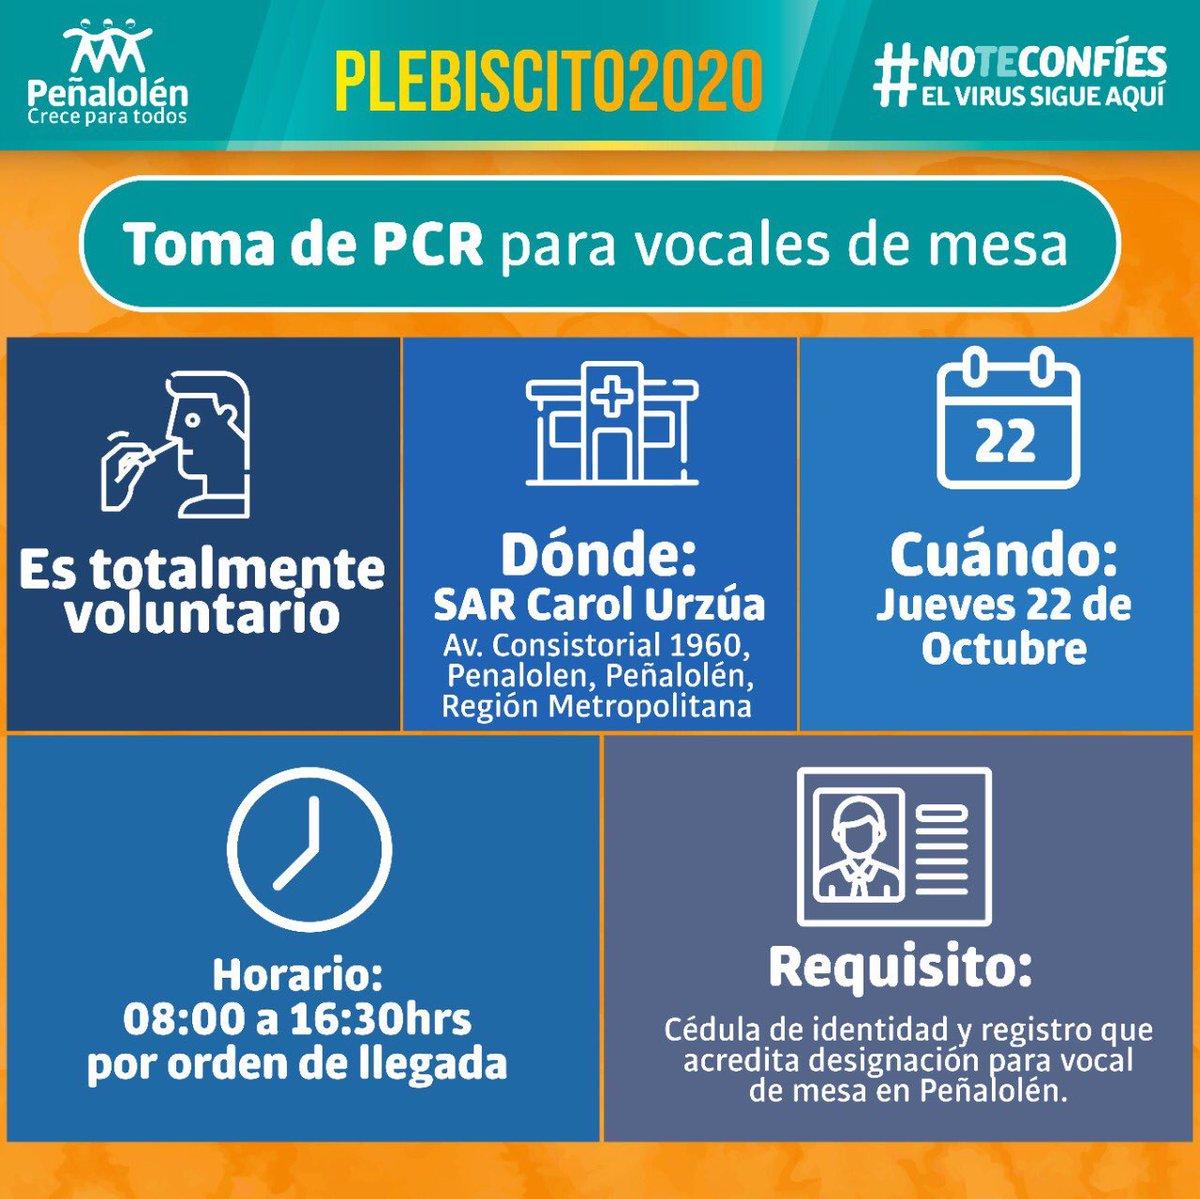 En Peñalolén nos cuidamos entre todos, si eres vocal de mesa está información es para ti 👇🏻